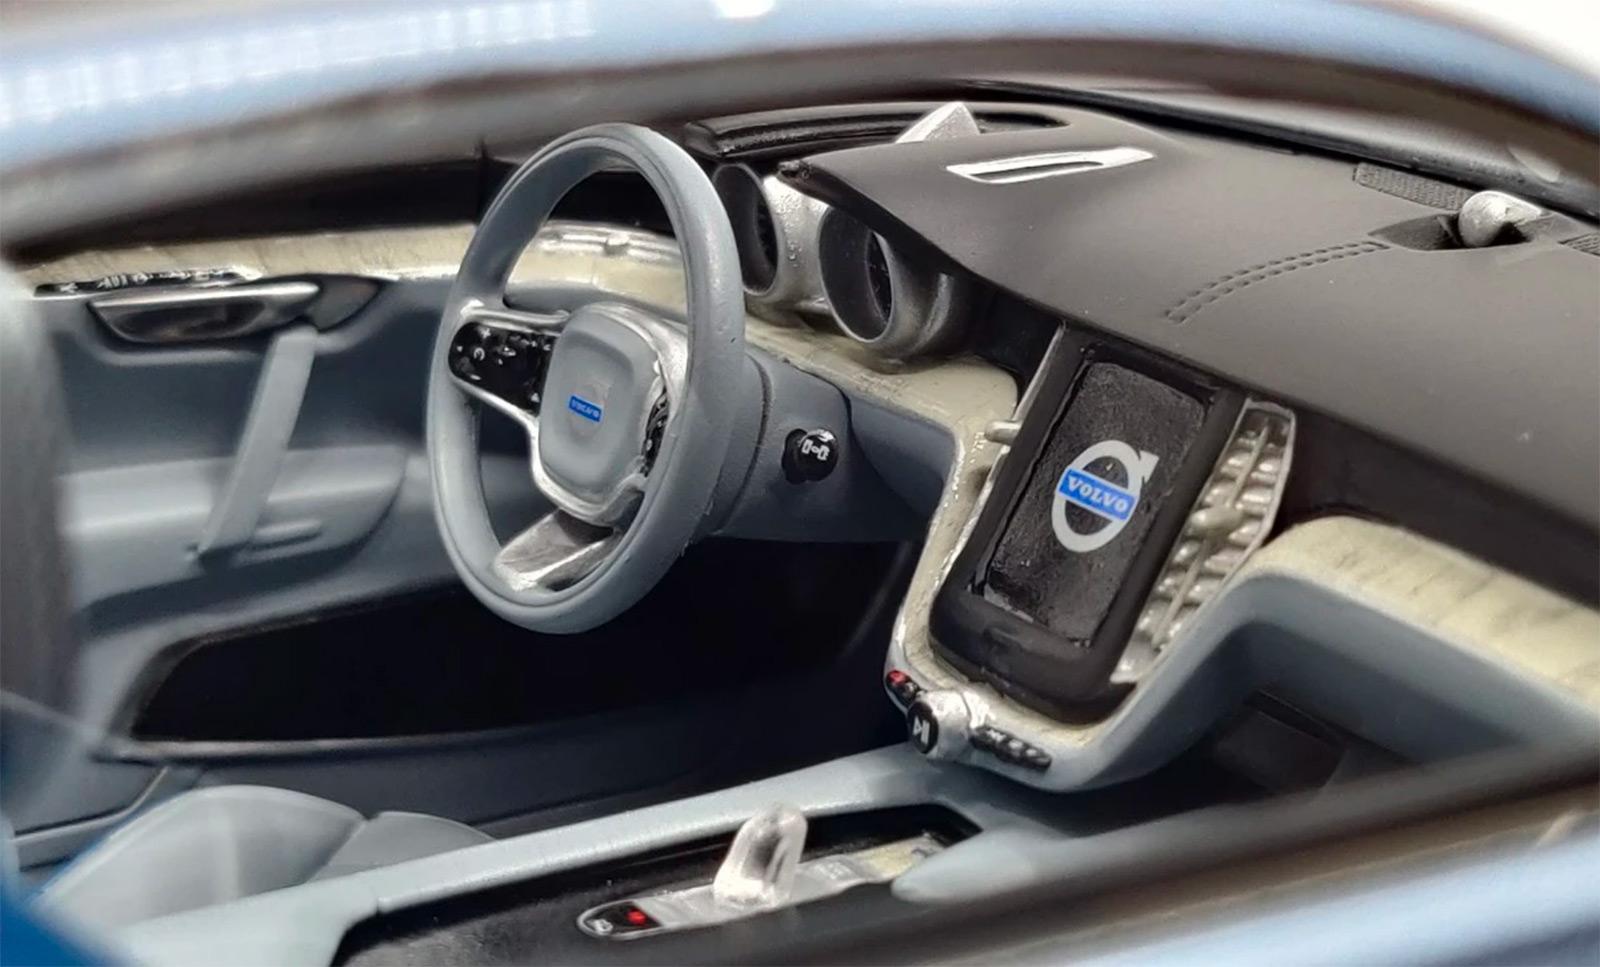 Tableau de bord de la Volvo Concept Coupé DNA Collectibles 1/18